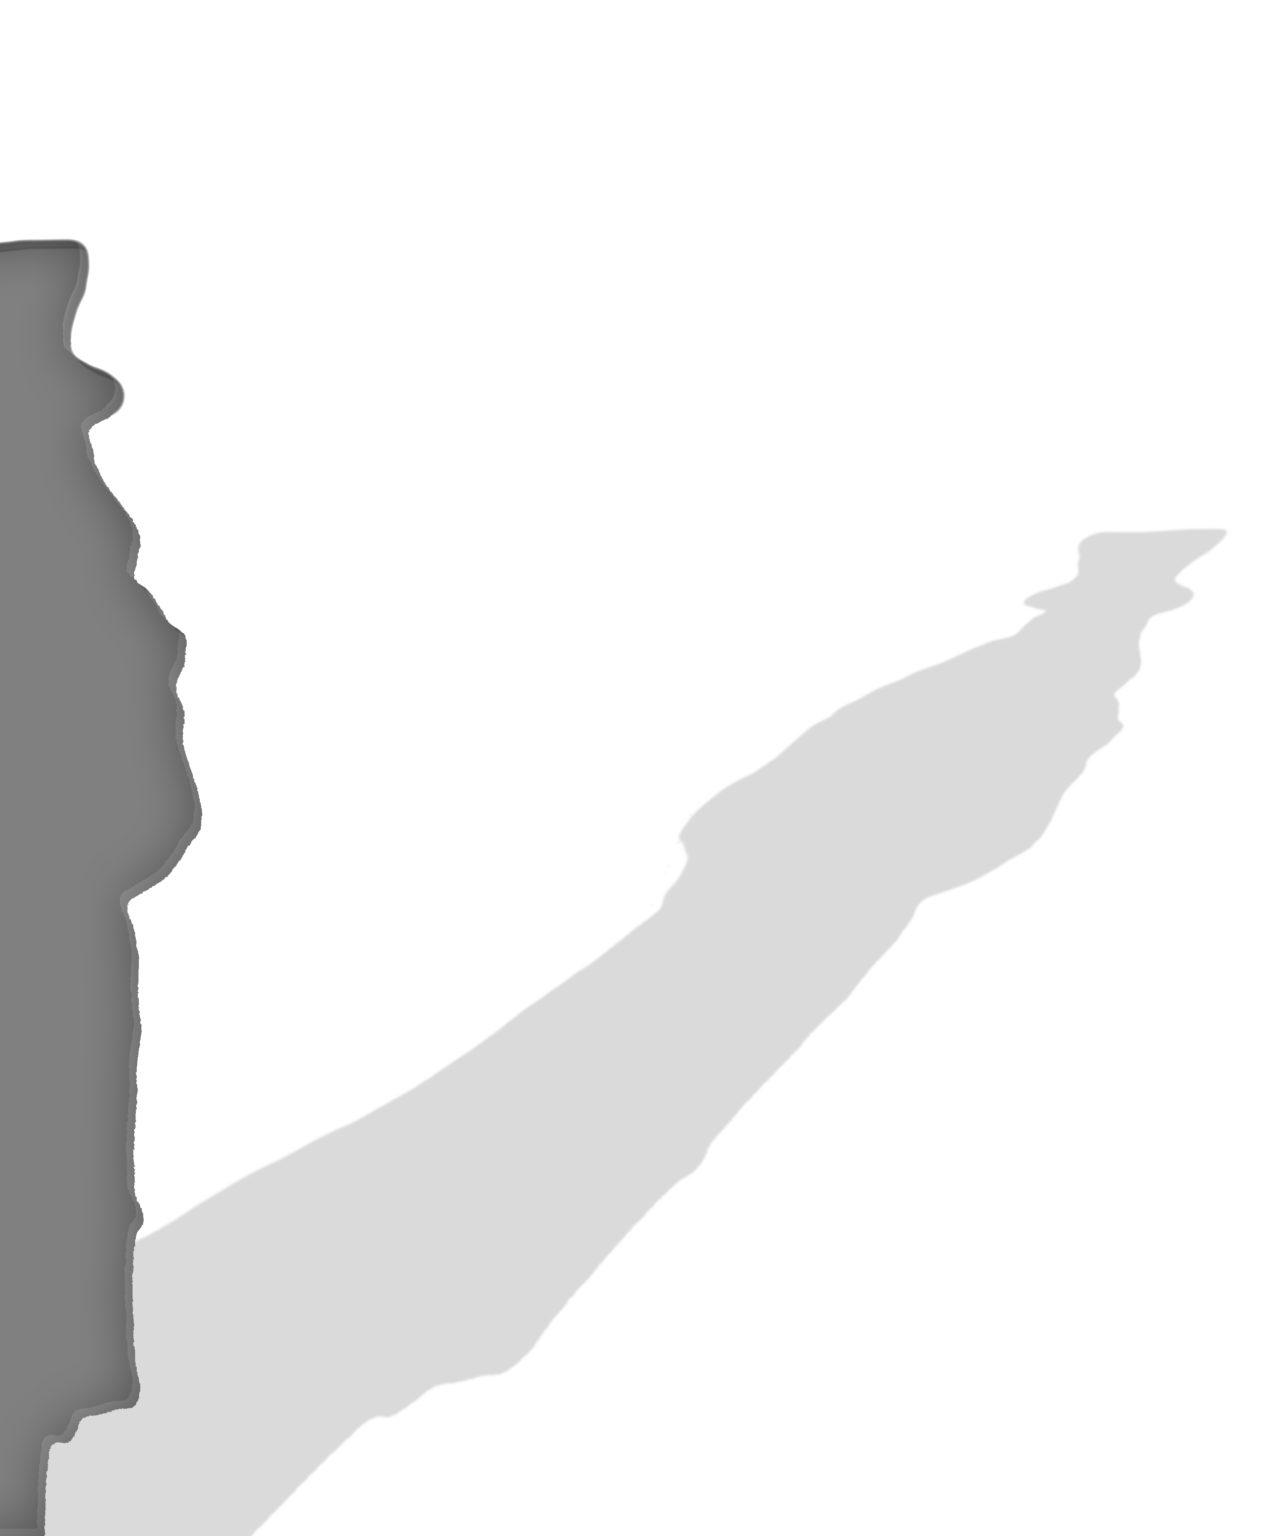 Logo zum Darmstädter Journalistenpreis Niebergall